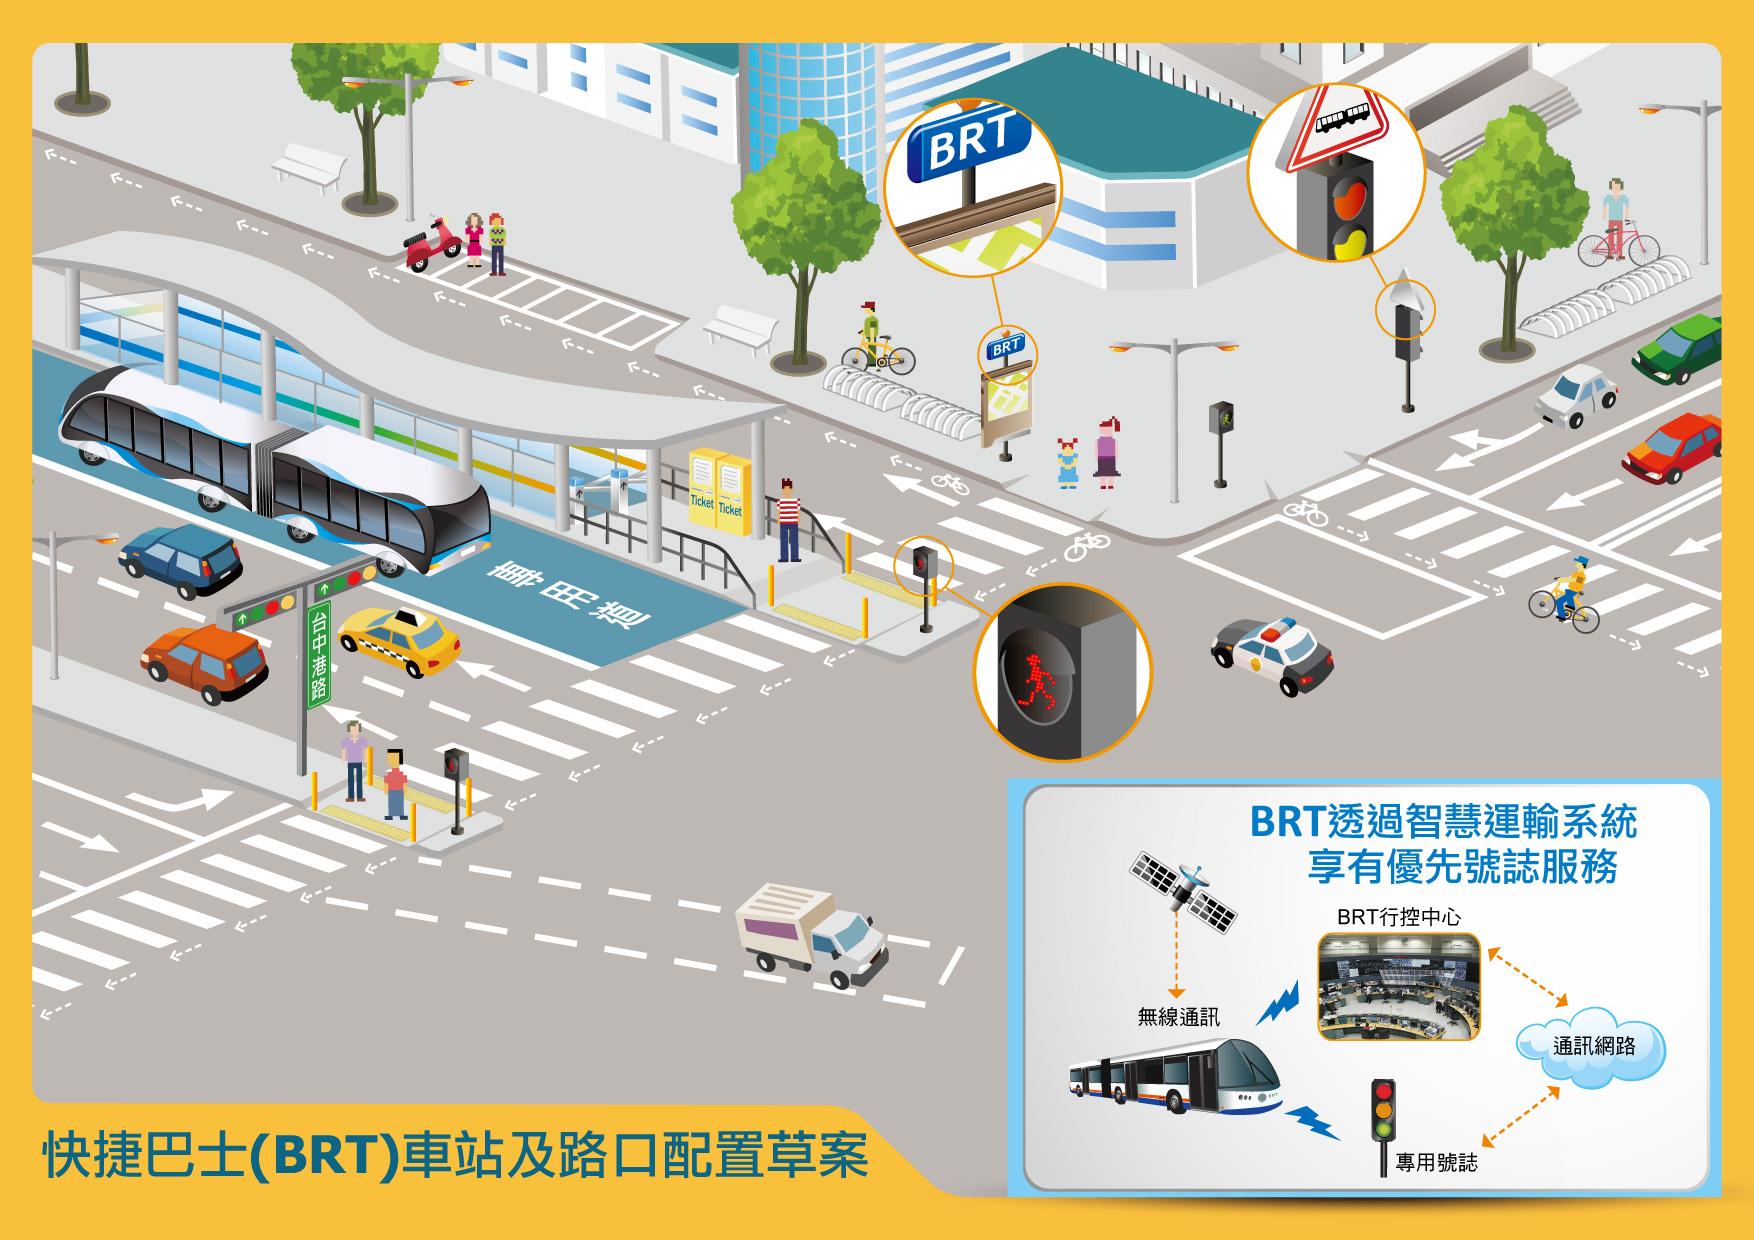 BRT摺頁02